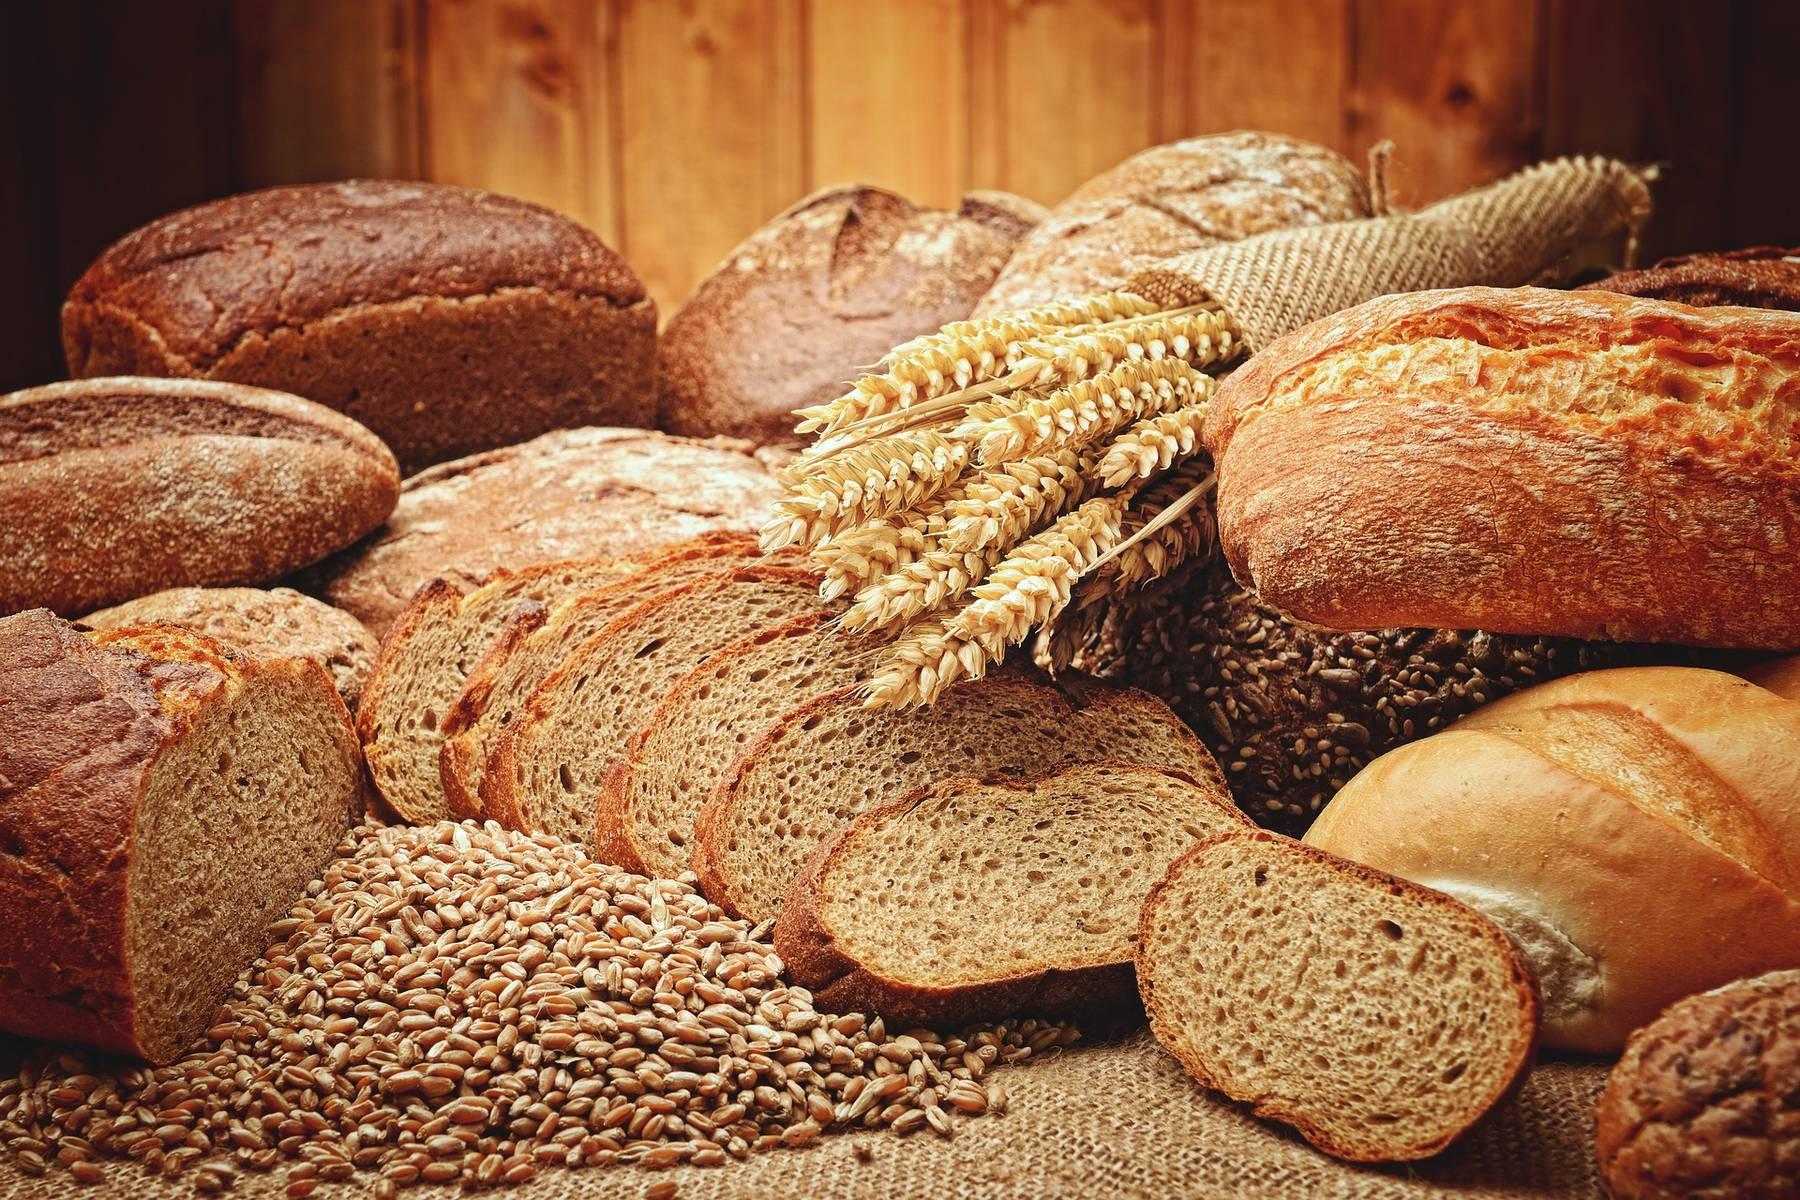 bread-2864703_1920.jpg